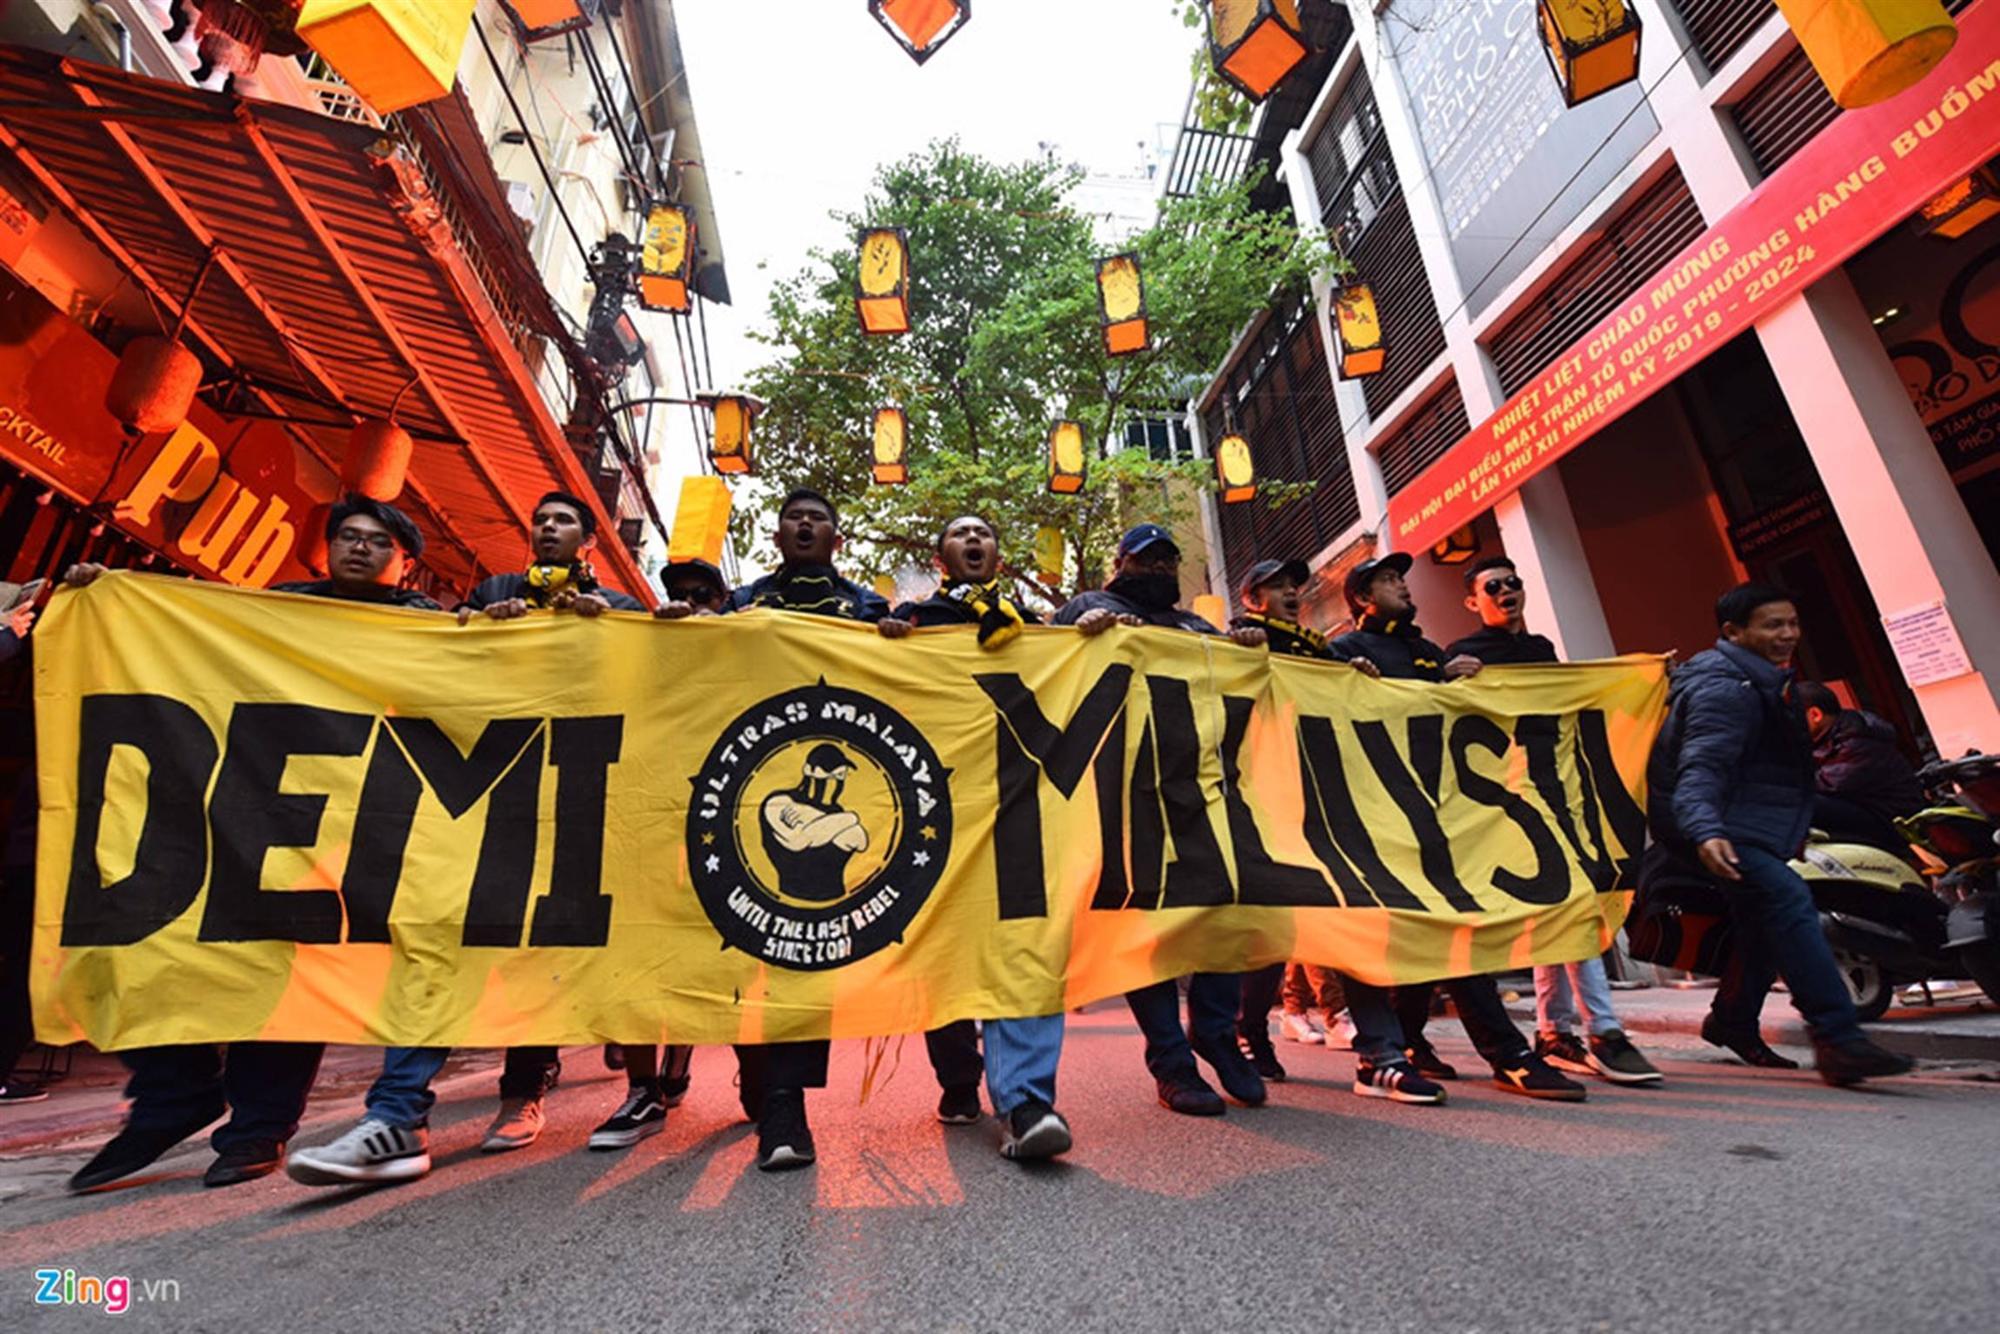 CĐV Malaysia náo loạn phố cổ Hà Nội trước trận chung kết-5